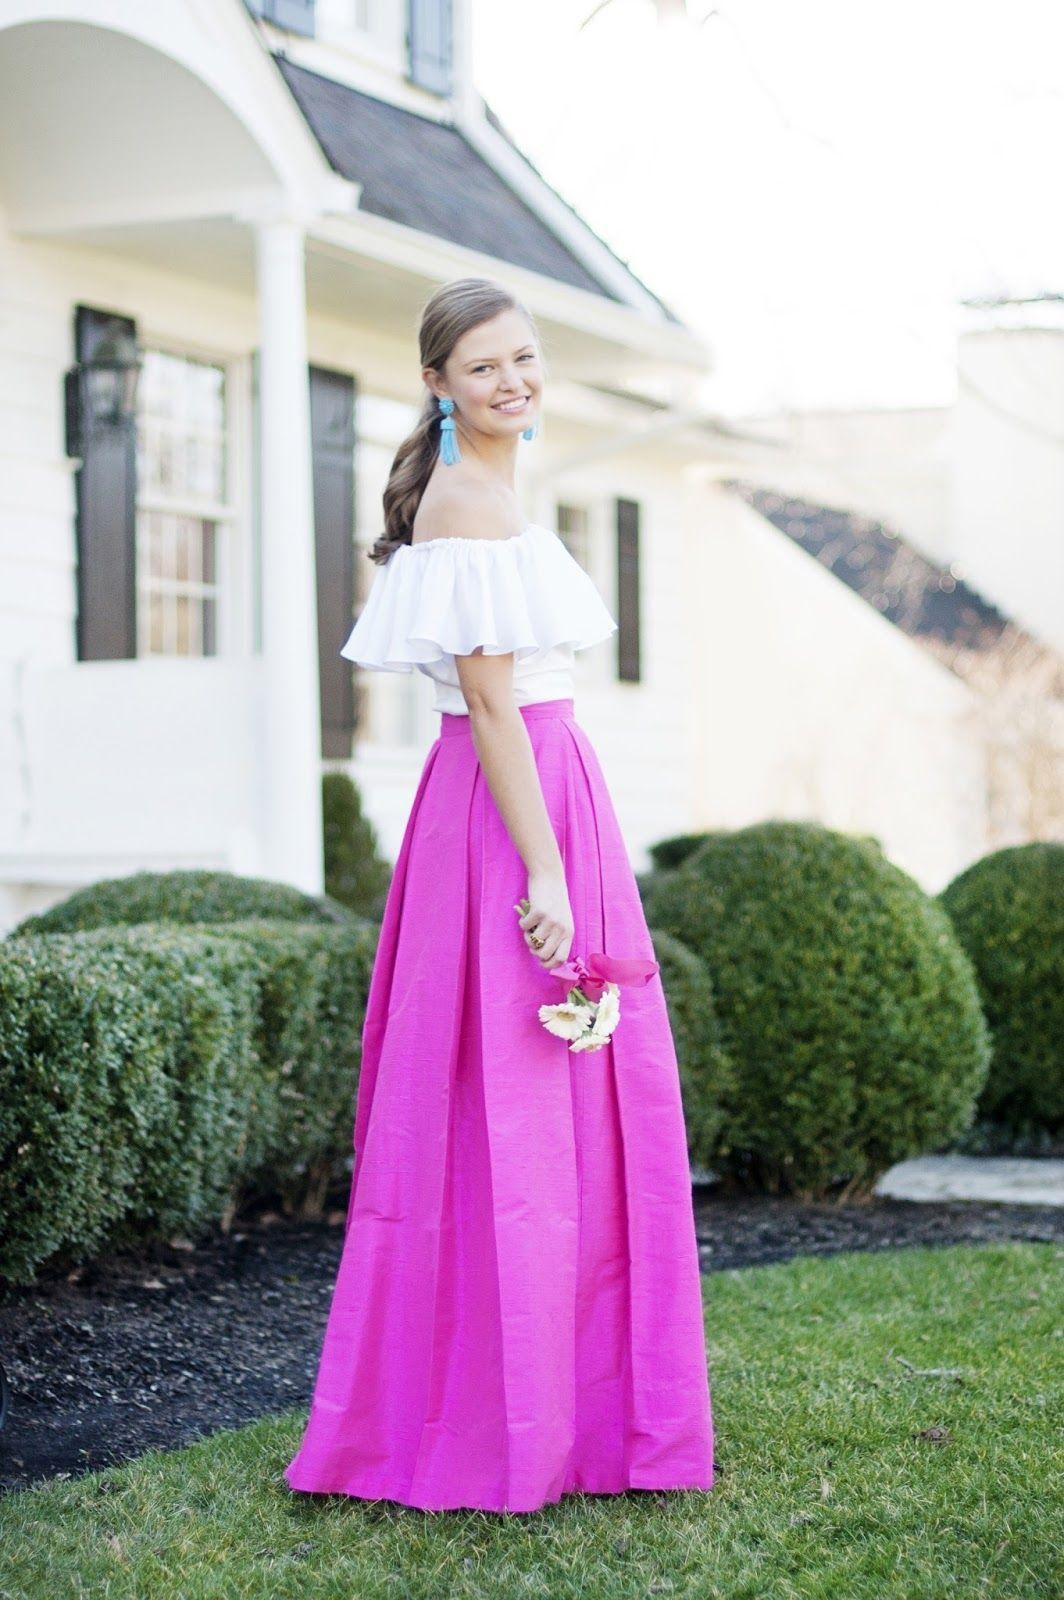 Pin de megan costa en my style | Pinterest | Falda y Ropa